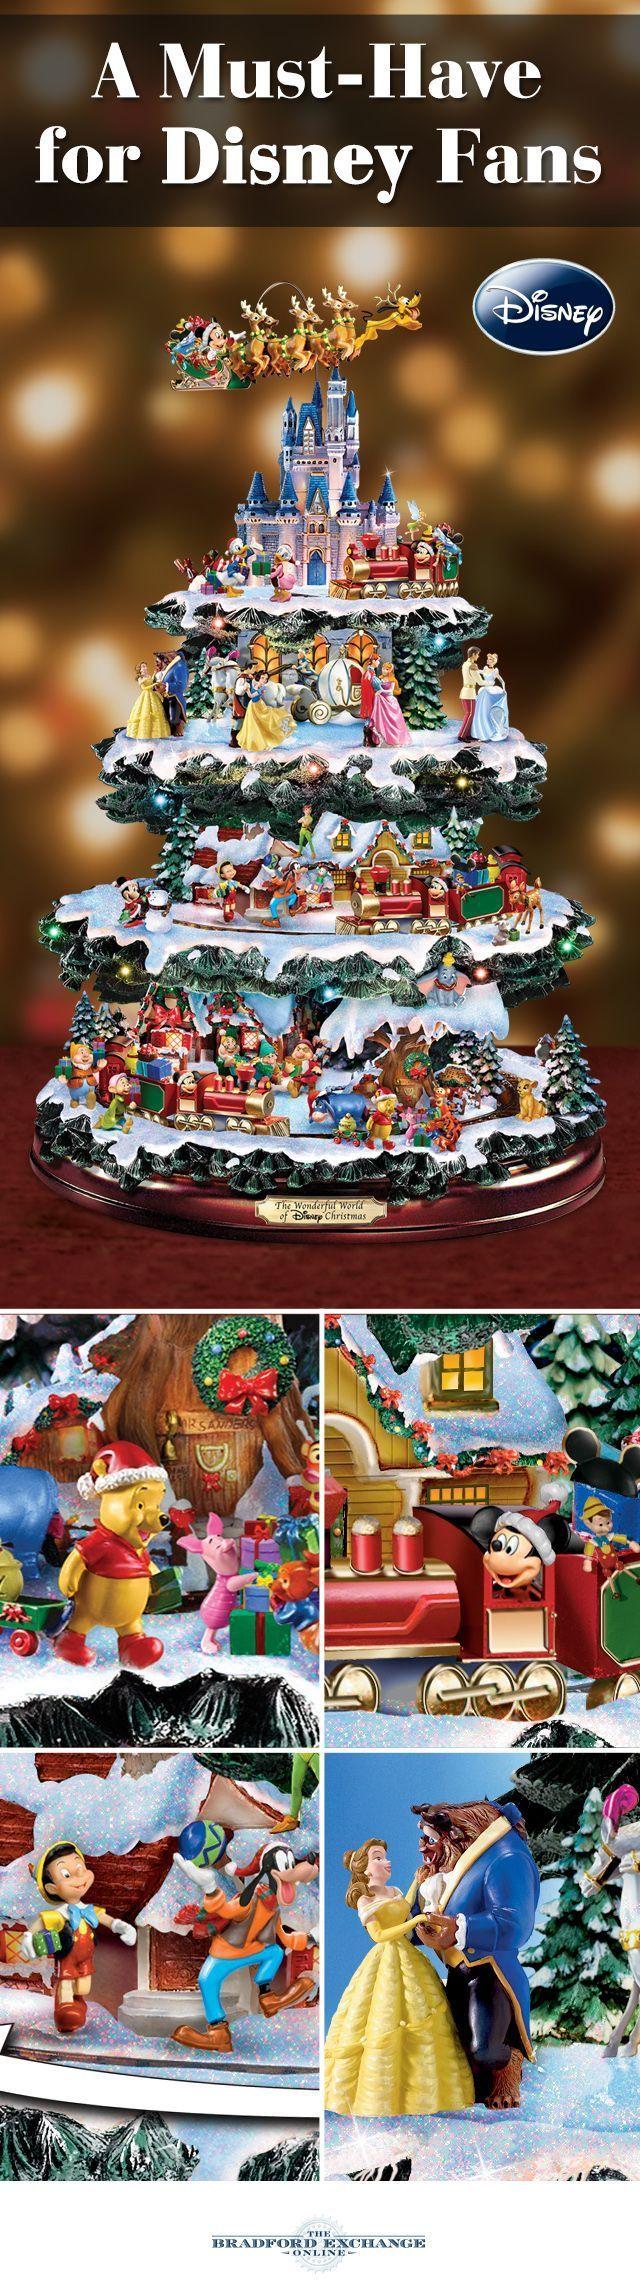 Laden Sie über 50 Ihrer Lieblings-Disney-Figuren für die Feiertage zu Ihnen nach Hause #over50